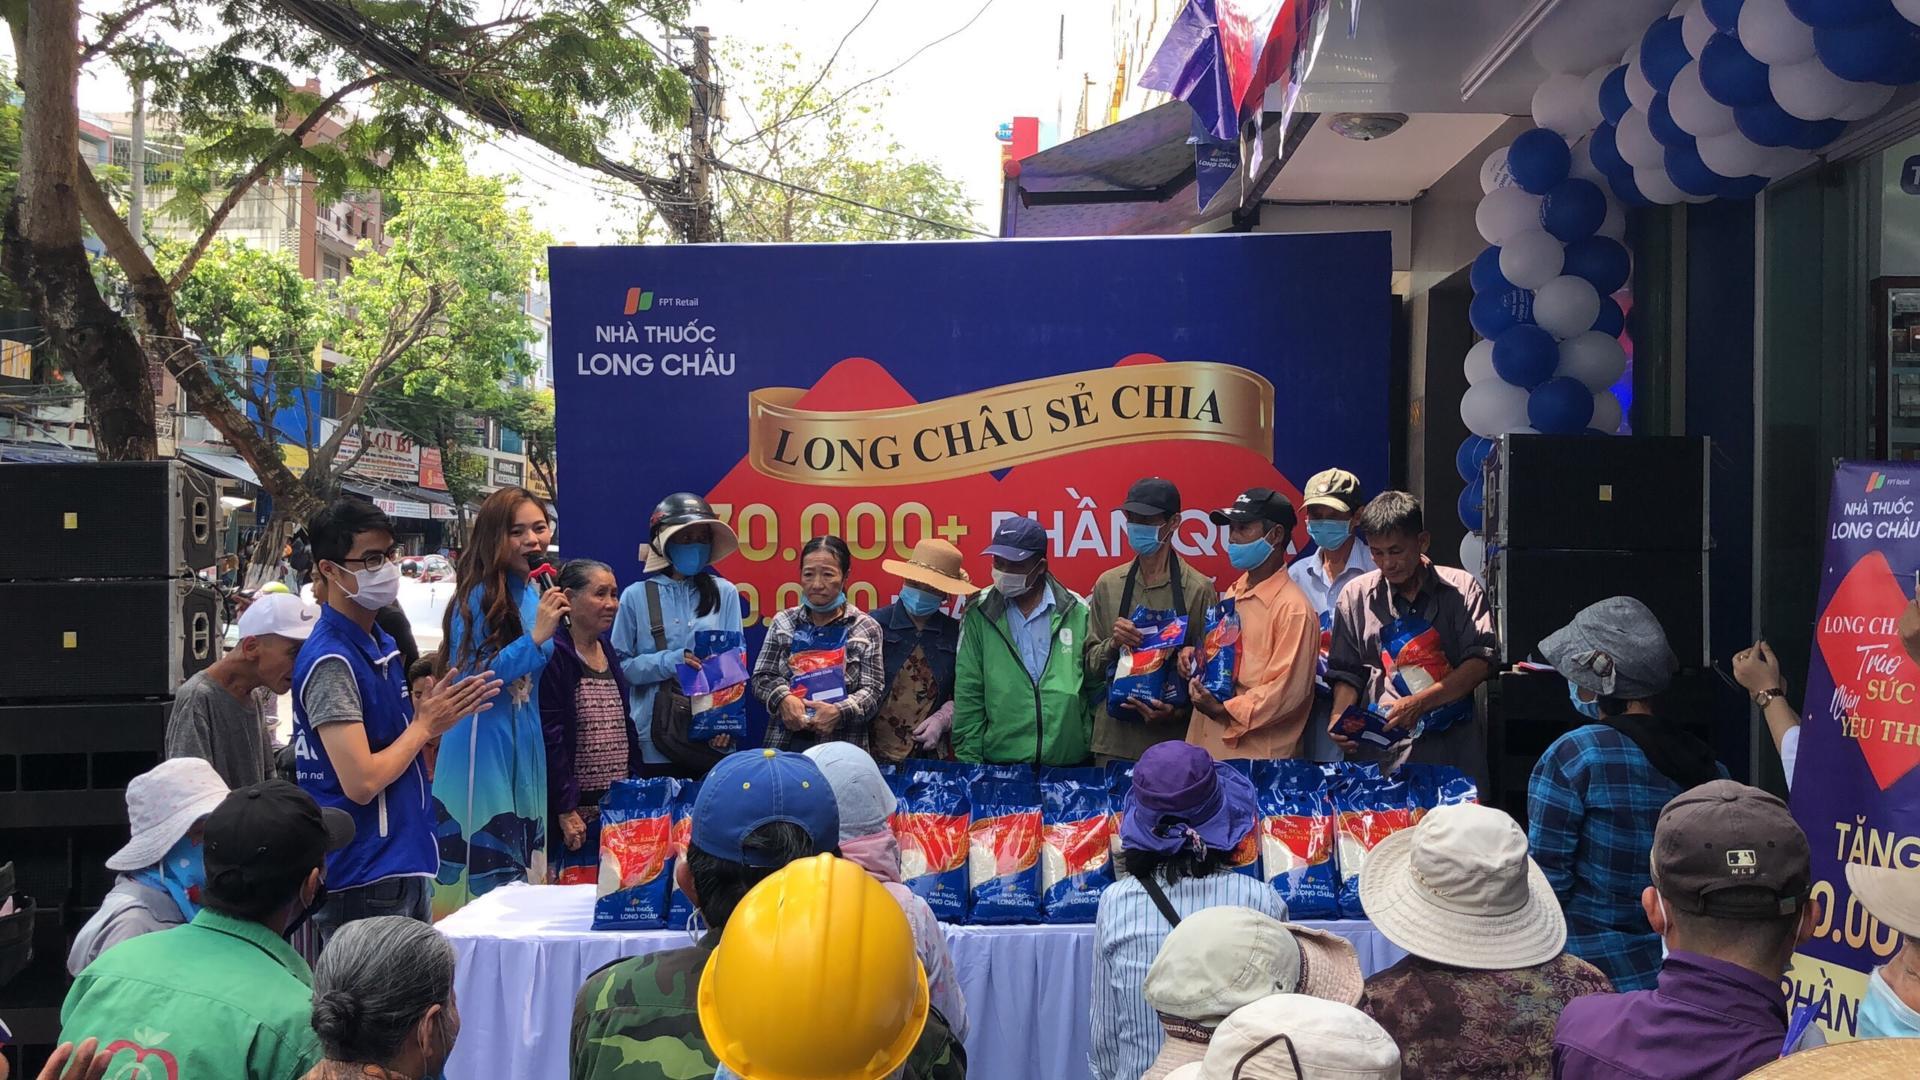 FPT Long Châu trao tặng 210.000 ngày thuốc, 140 tấn gạo trên toàn quốc